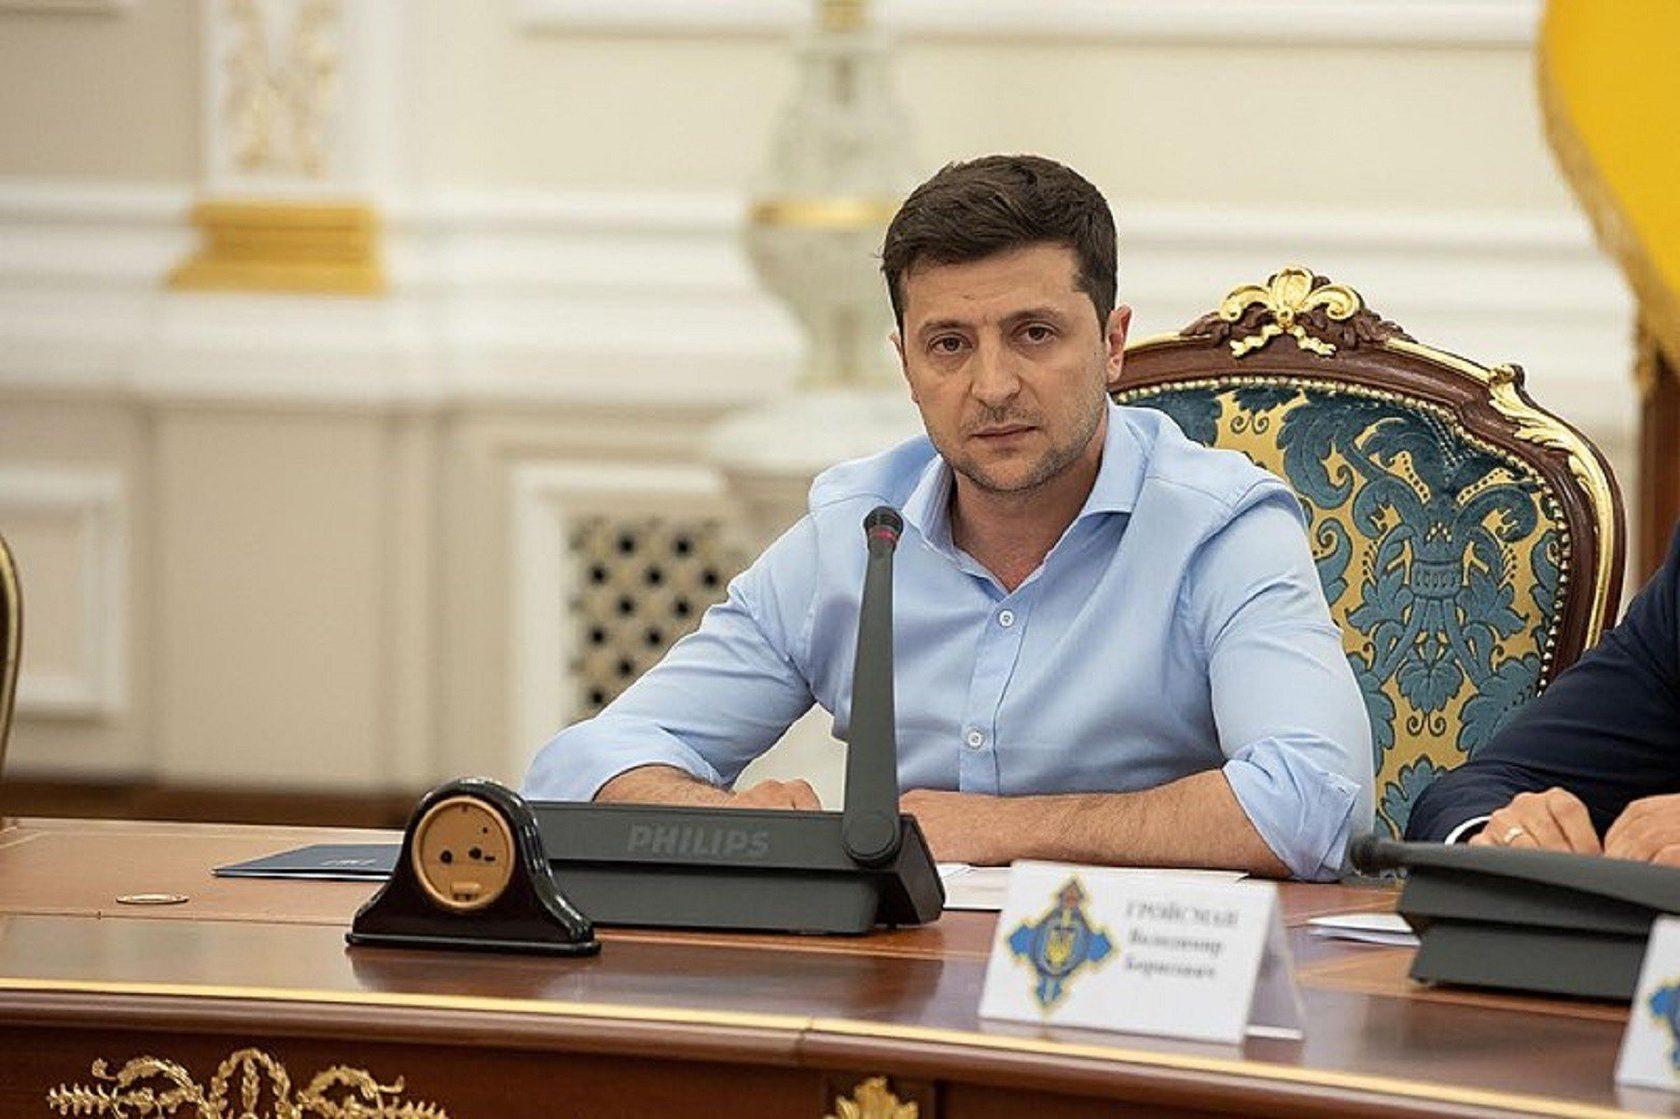 Президент подписал законы о поддержке граждан и бизнеса во время карантина. Адвокат в Запорожье. Юридическое бюро Линия права